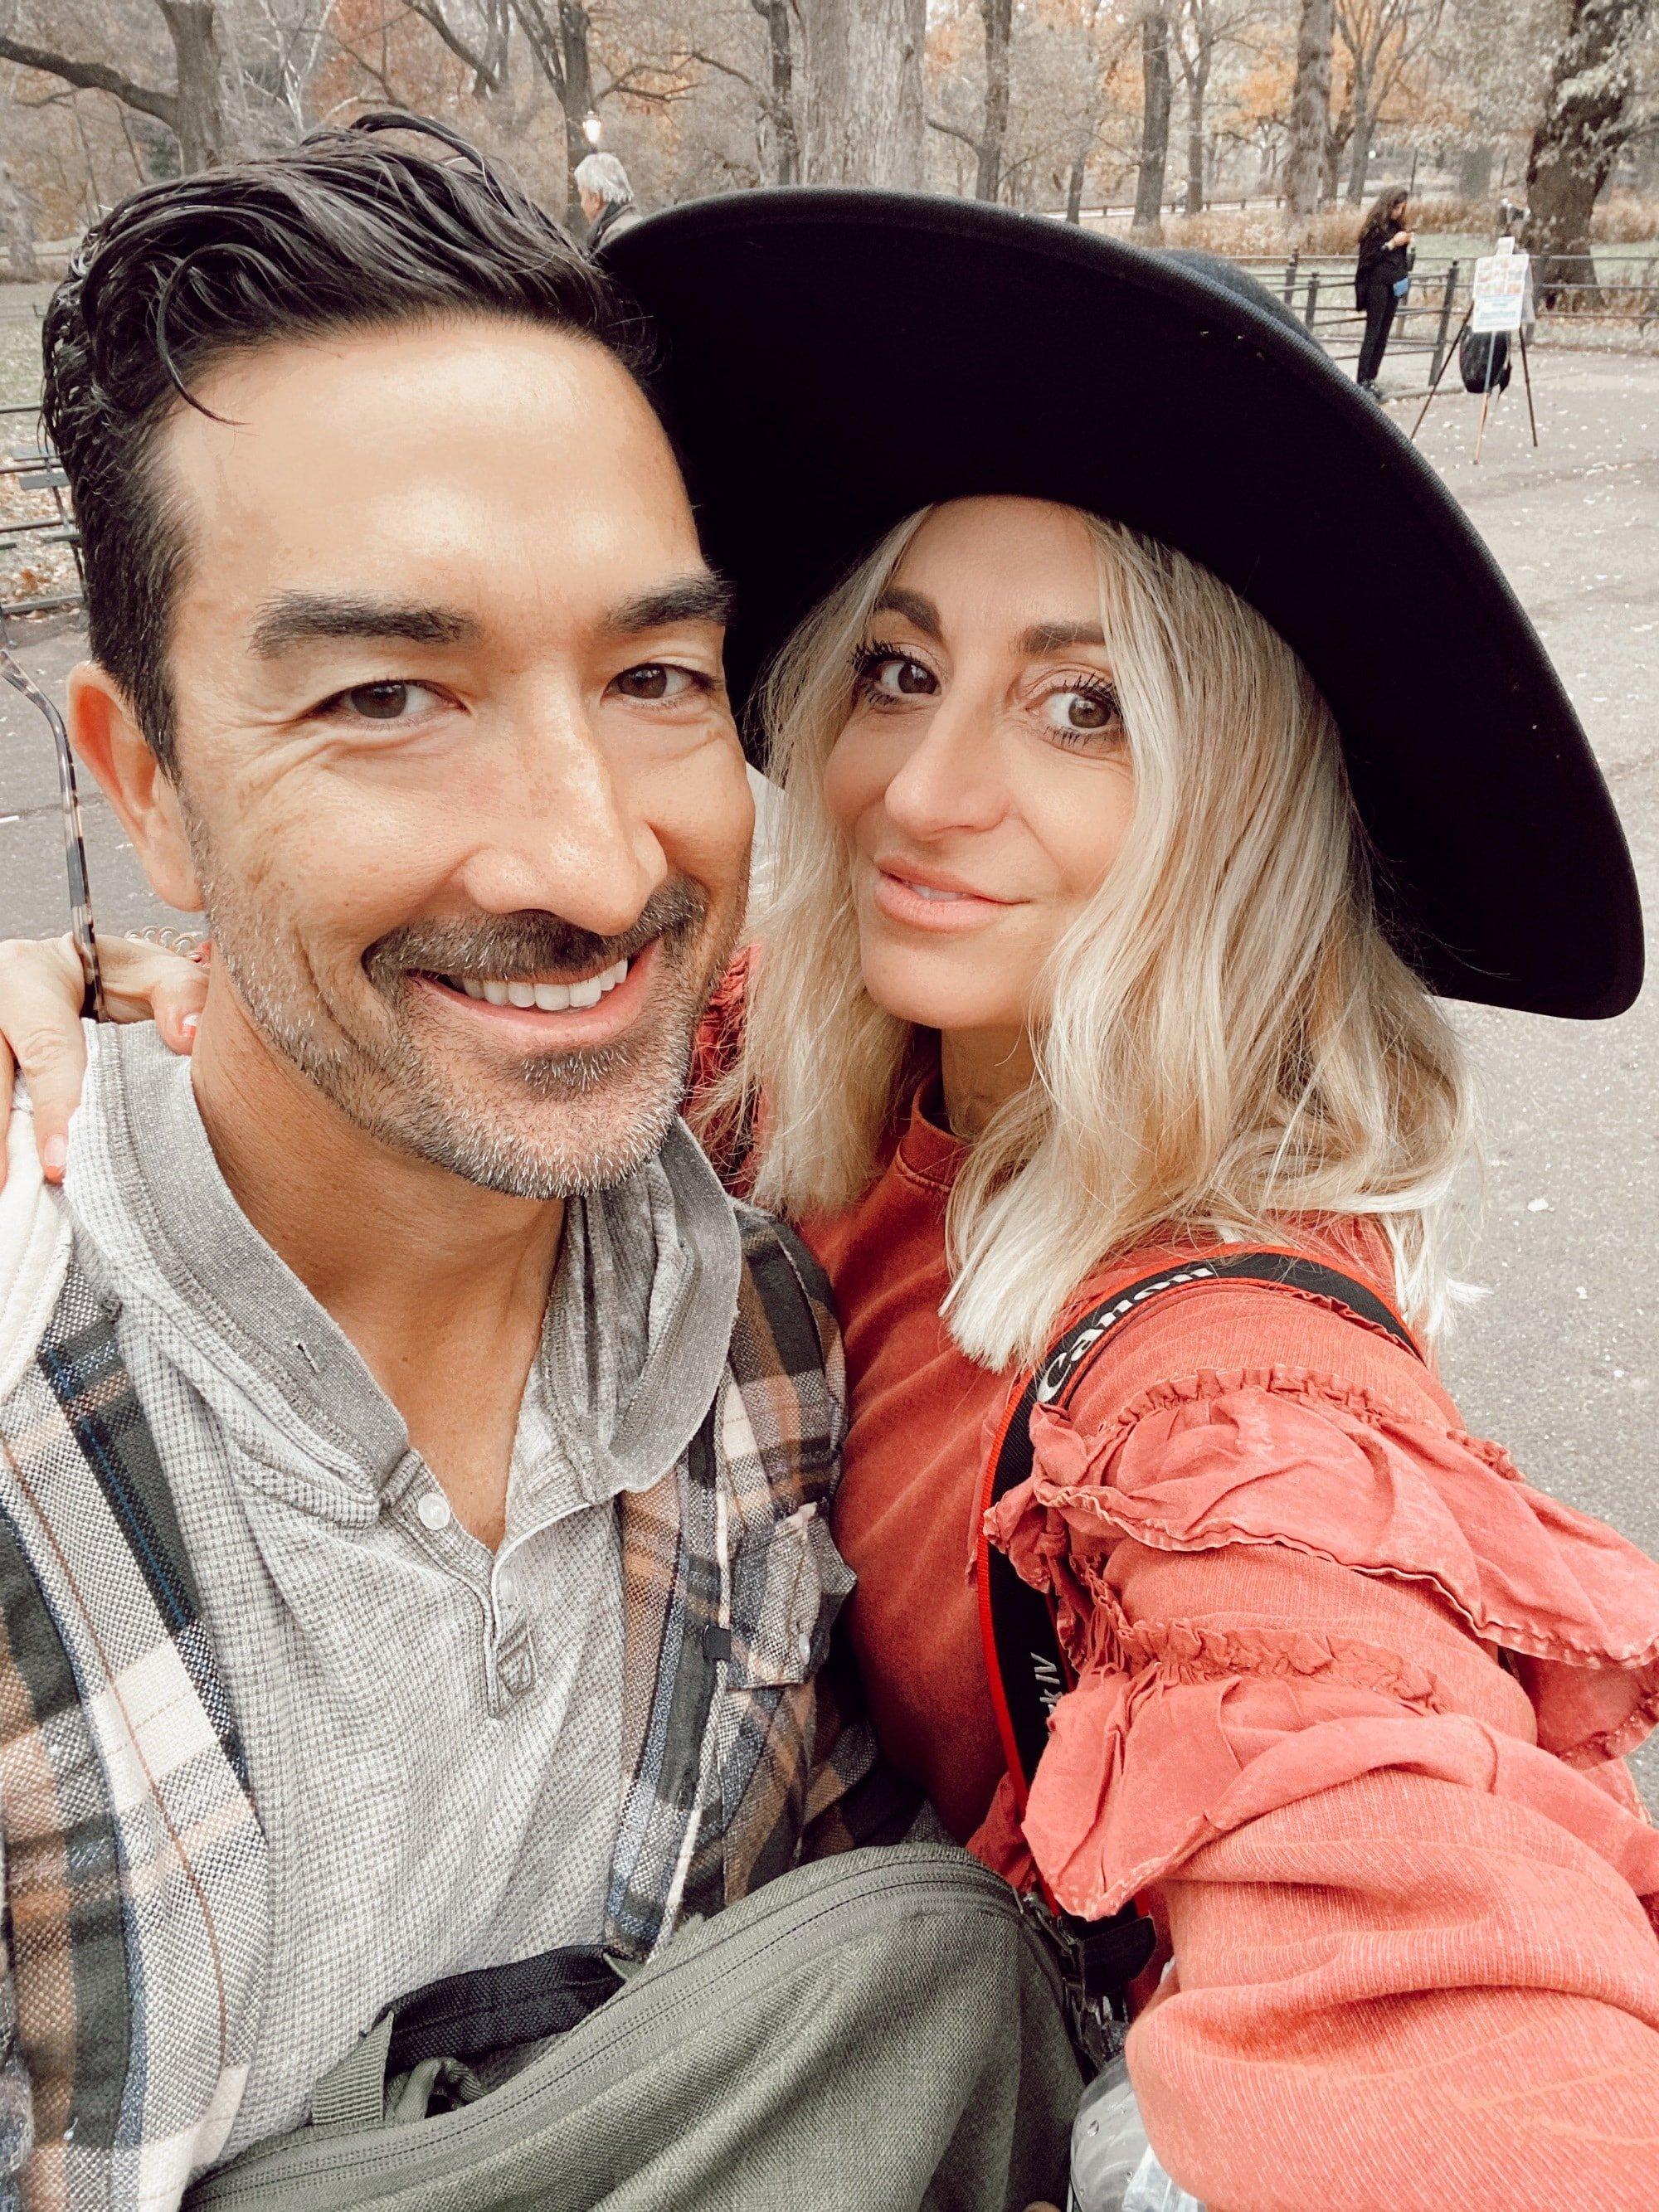 happy couple selfie